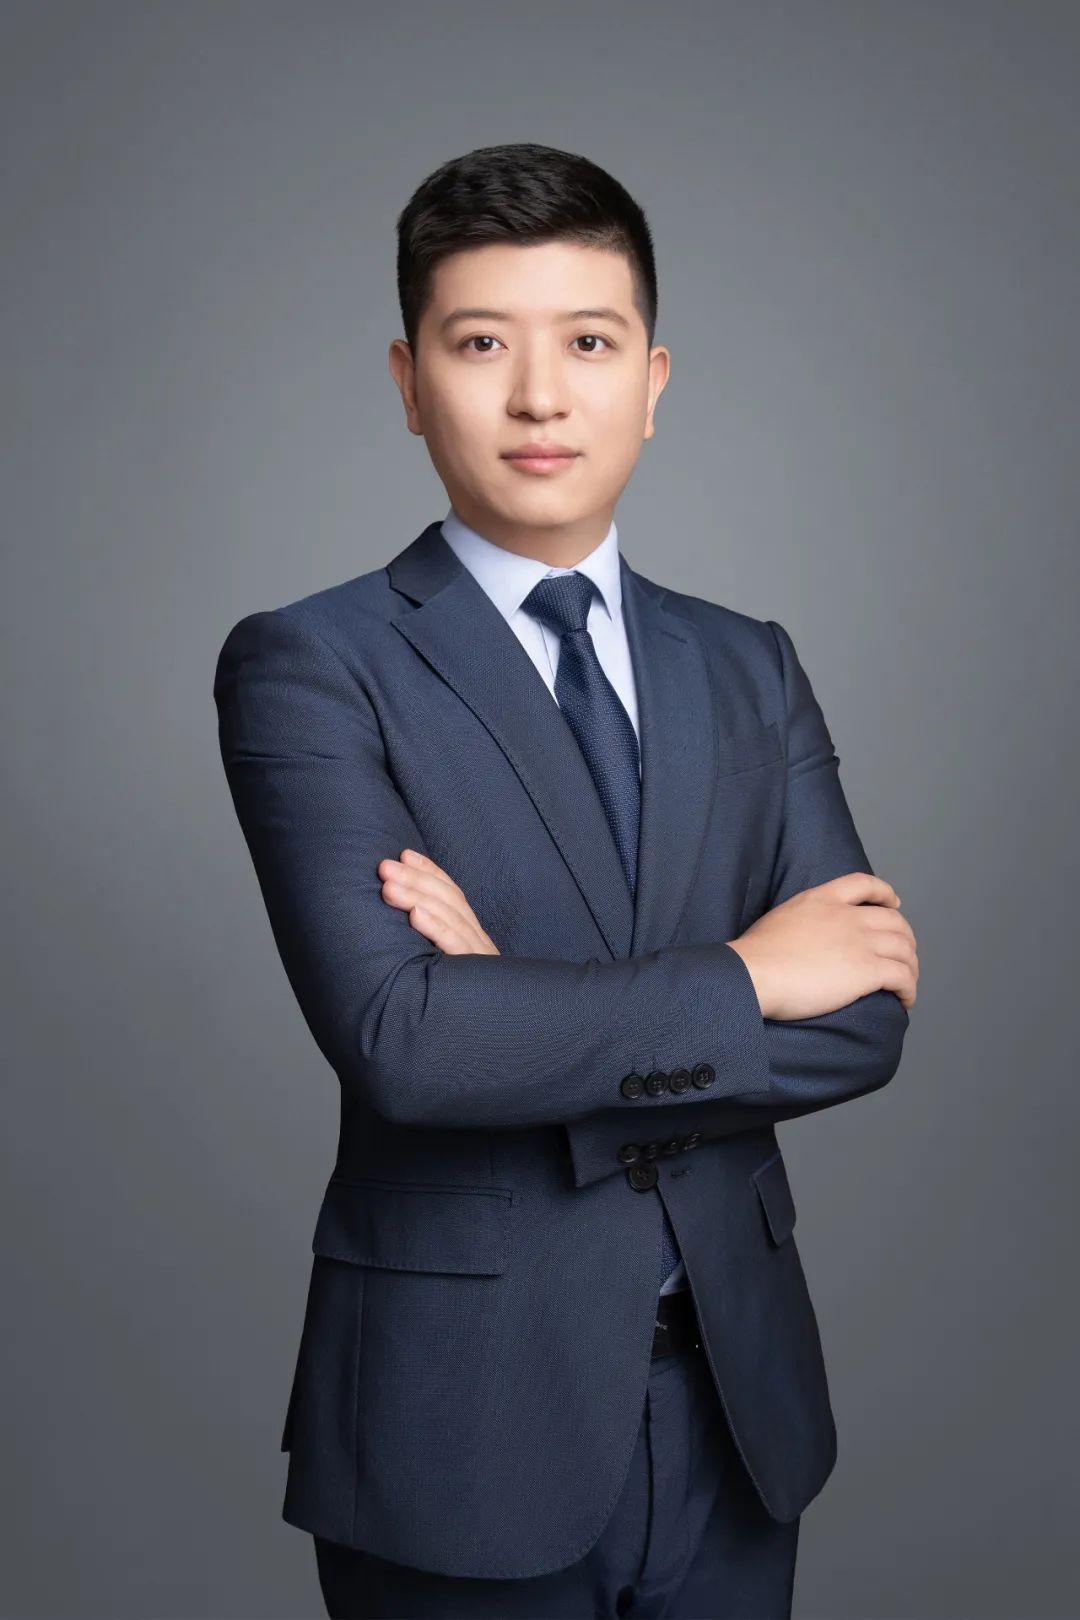 关于广州云融咨询服务有限公司加入广东省江西商会理事单位的公示